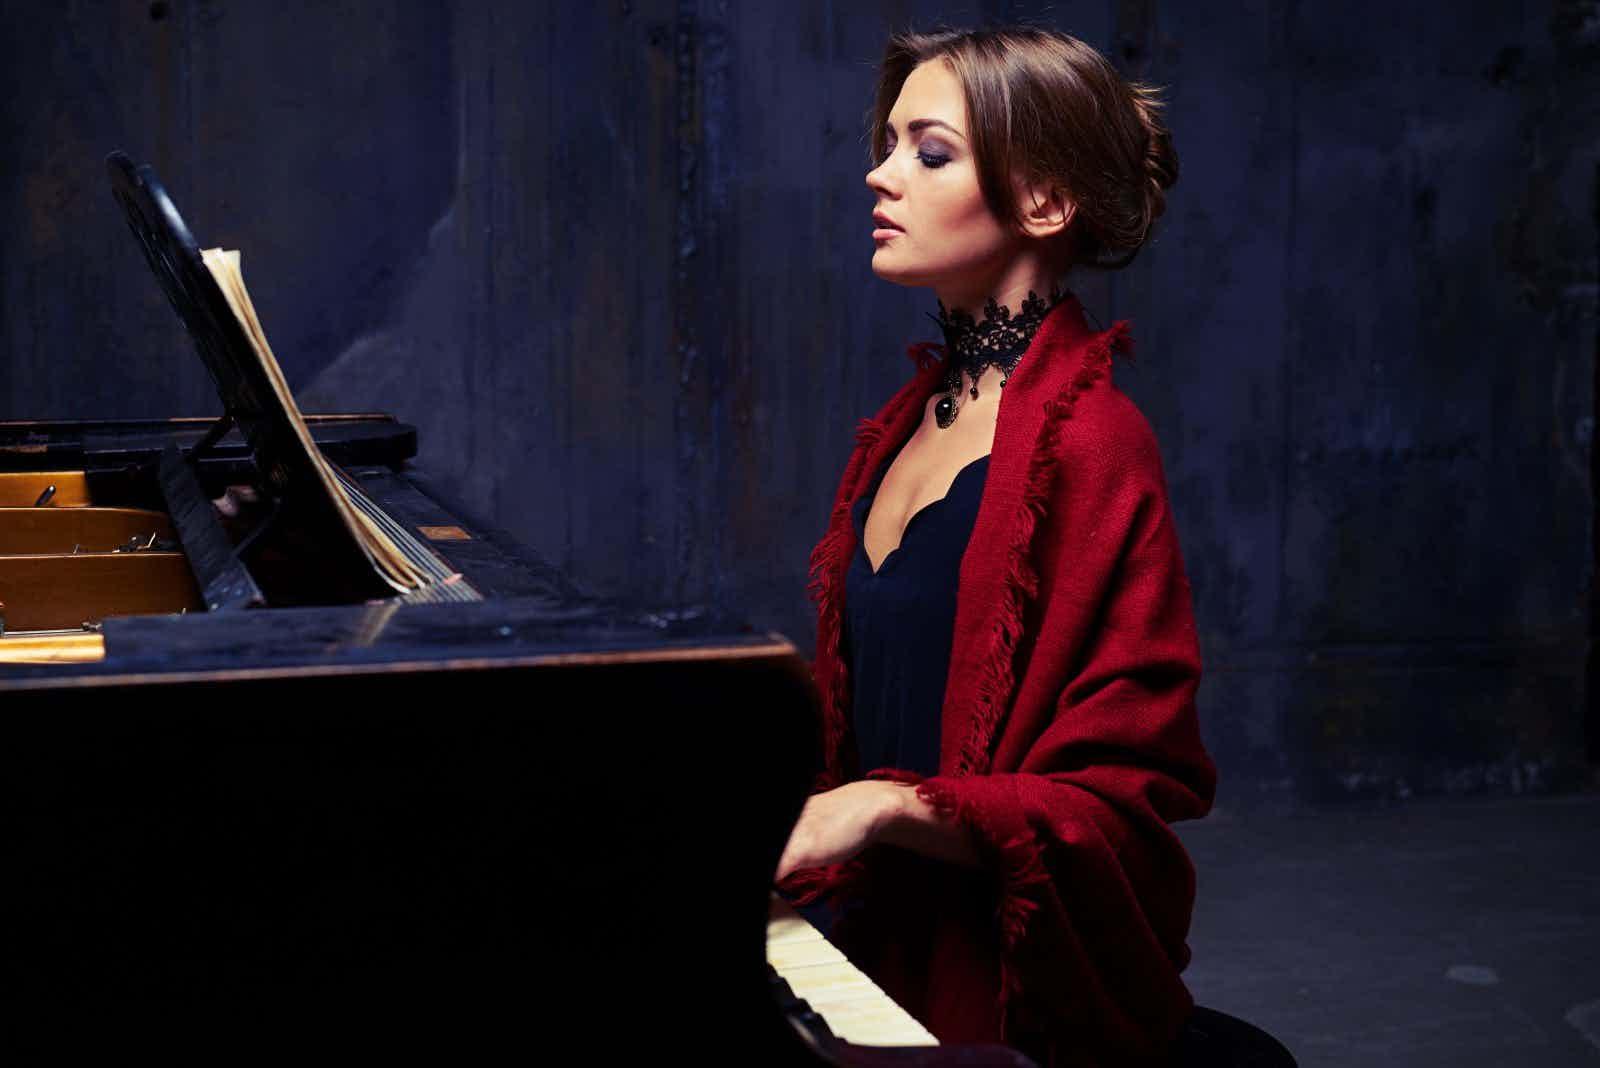 Klavierspielerin-solistin-buchen